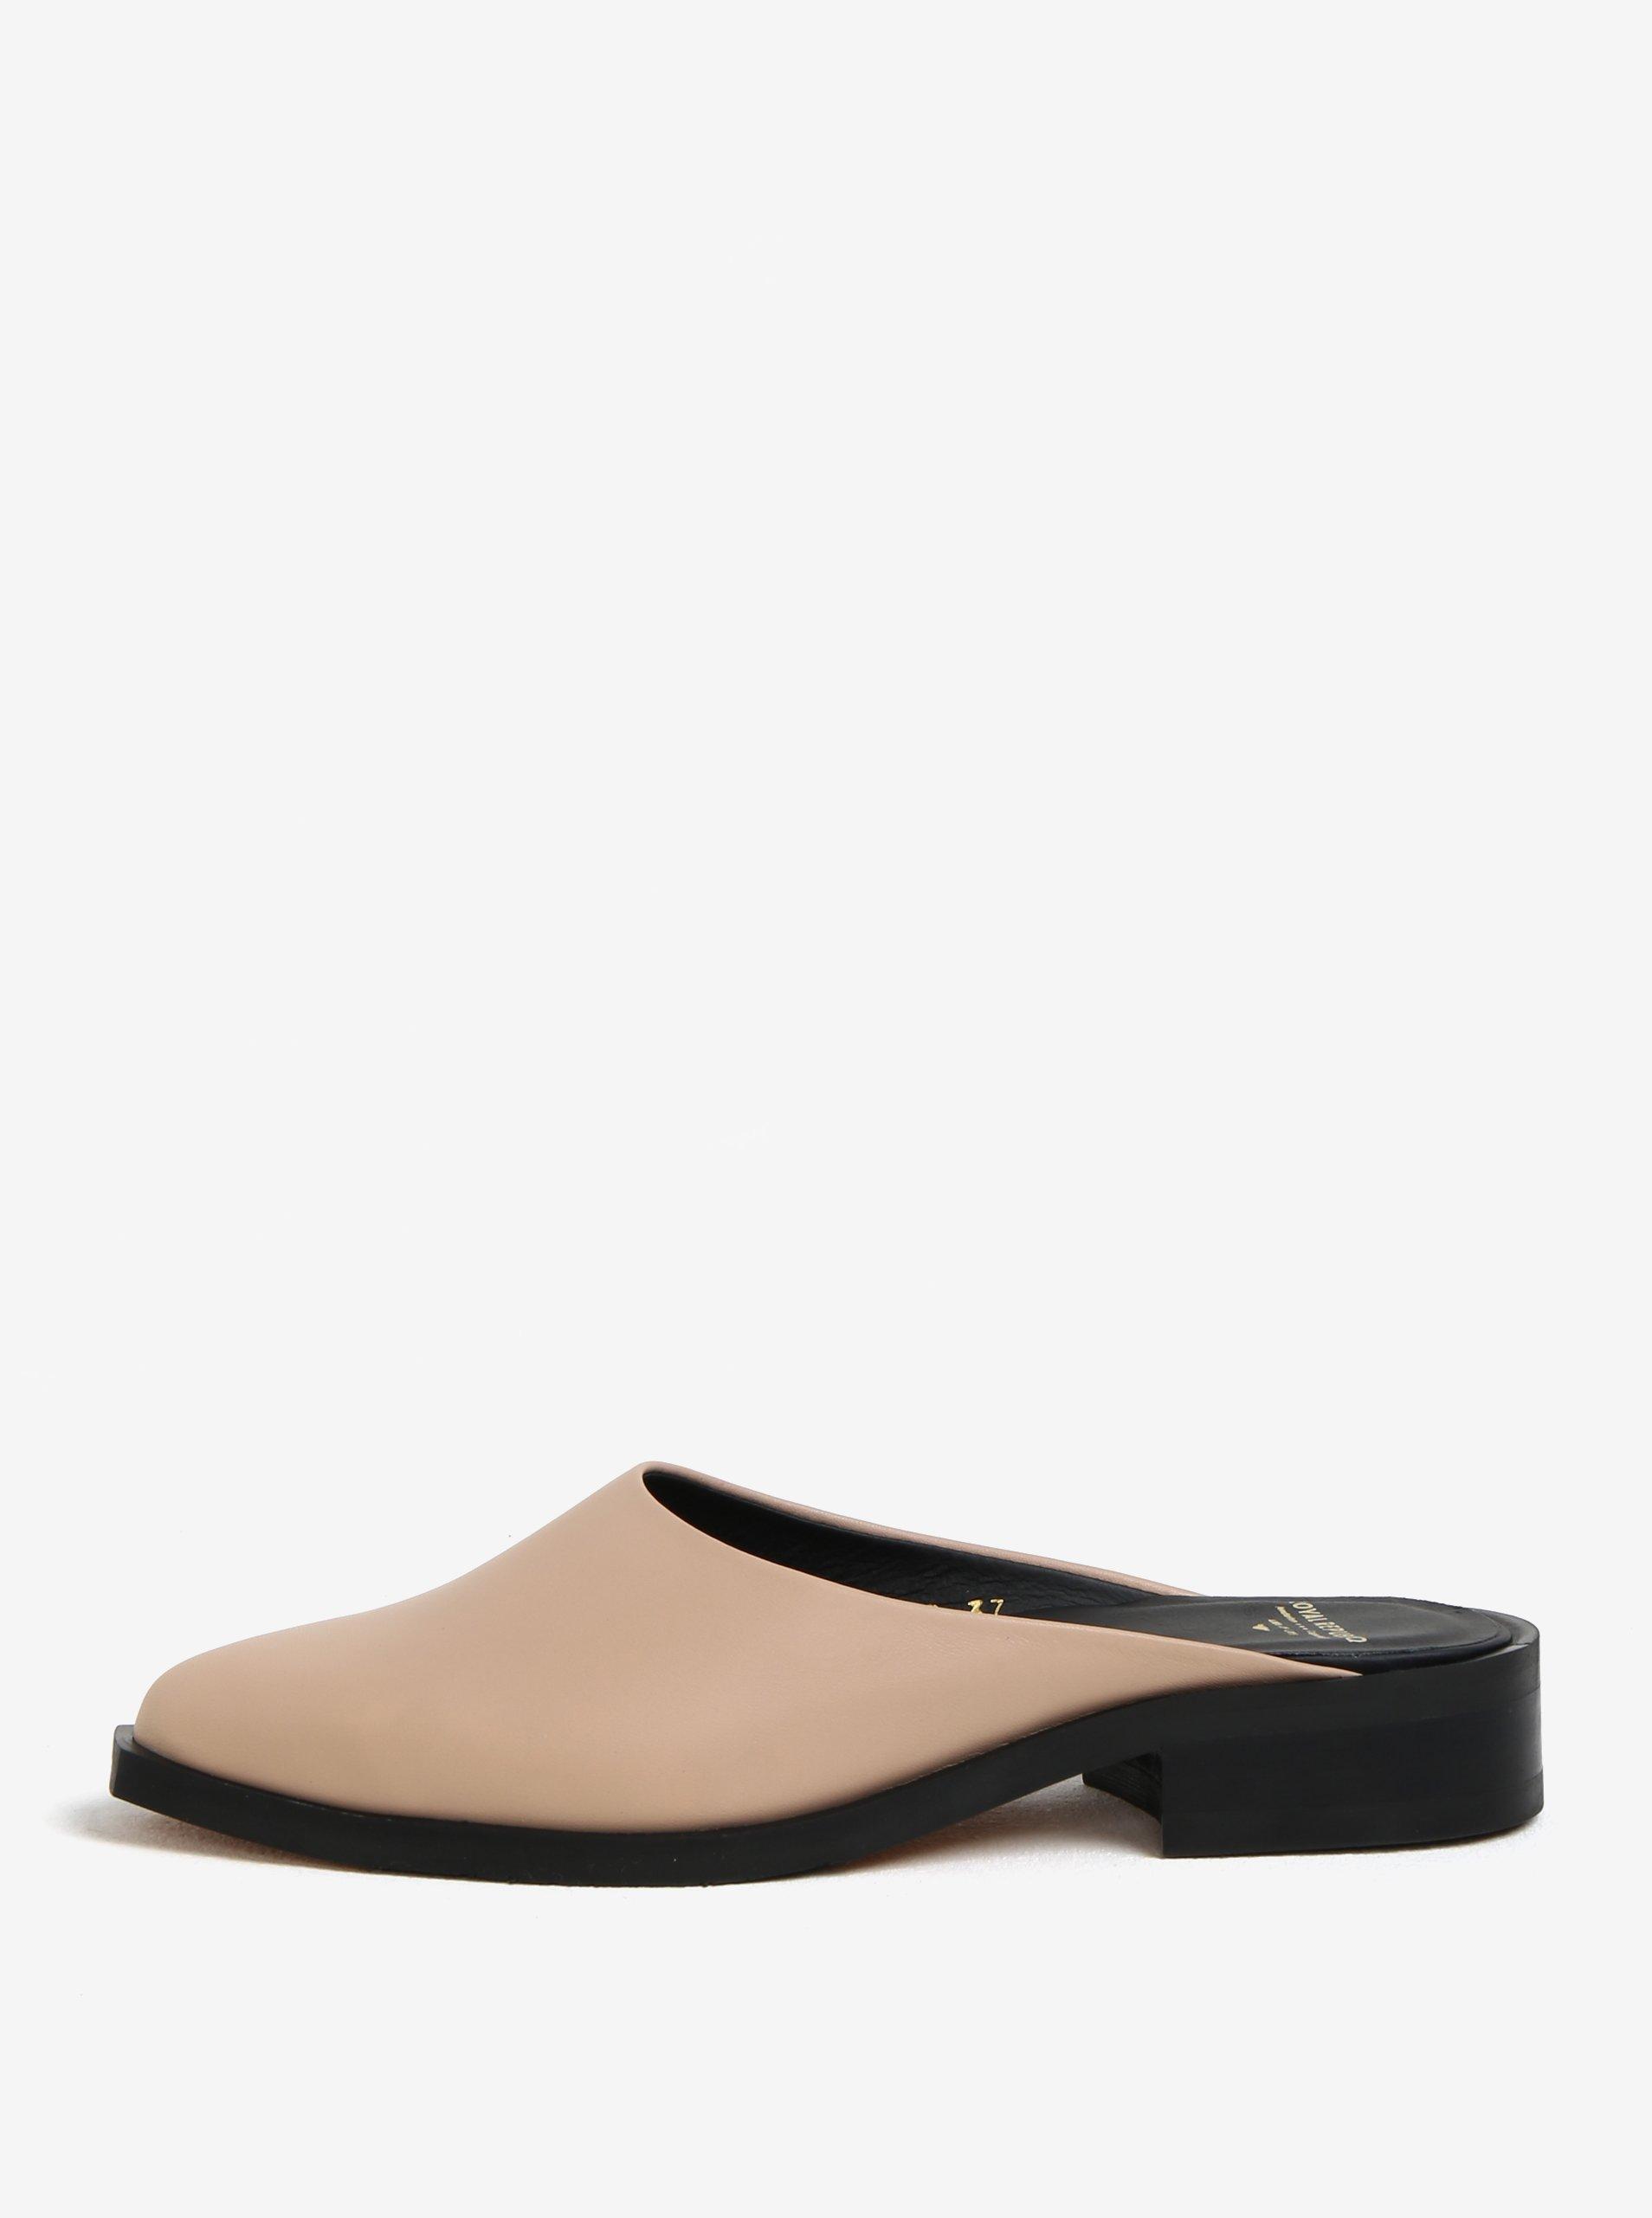 Béžové dámské kožené pantofle Royal RepubliQ 3c8d6caa47